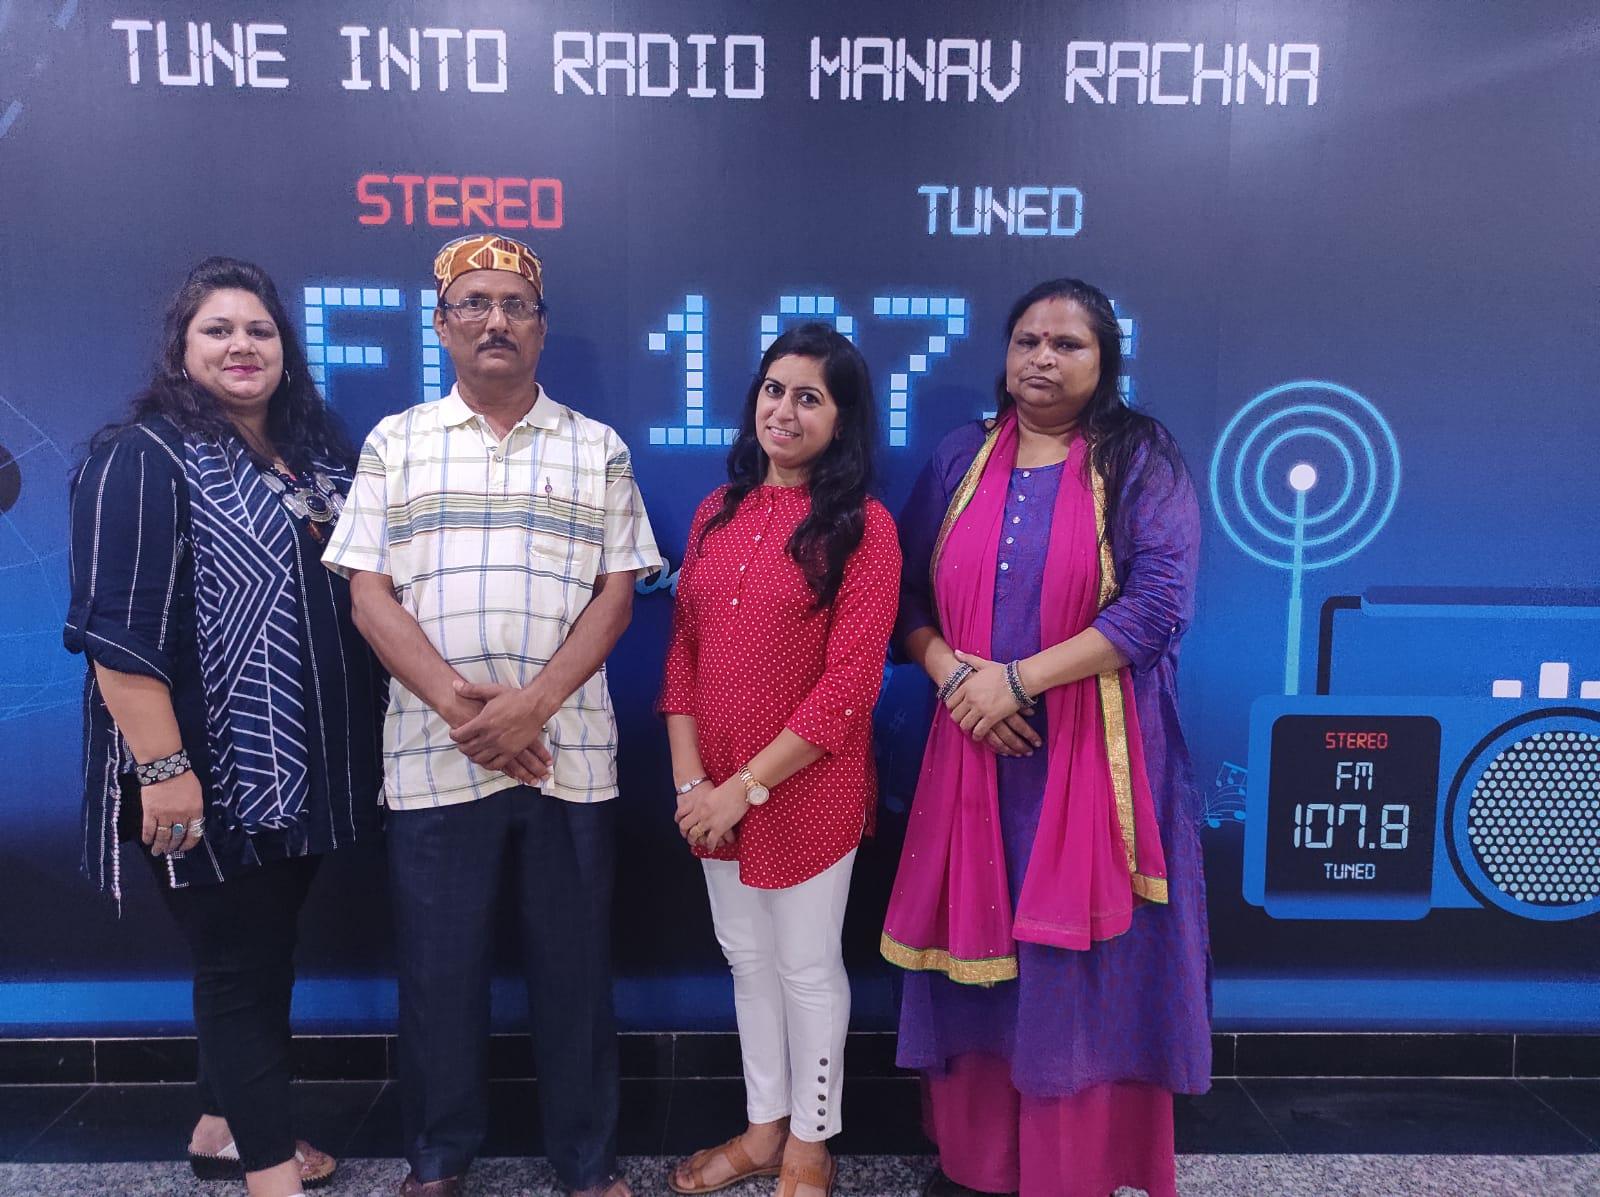 मानव रचना रेडियो, फरीदाबाद में डाॅ० आदित्य 'अंशु' का किया गया सम्मान